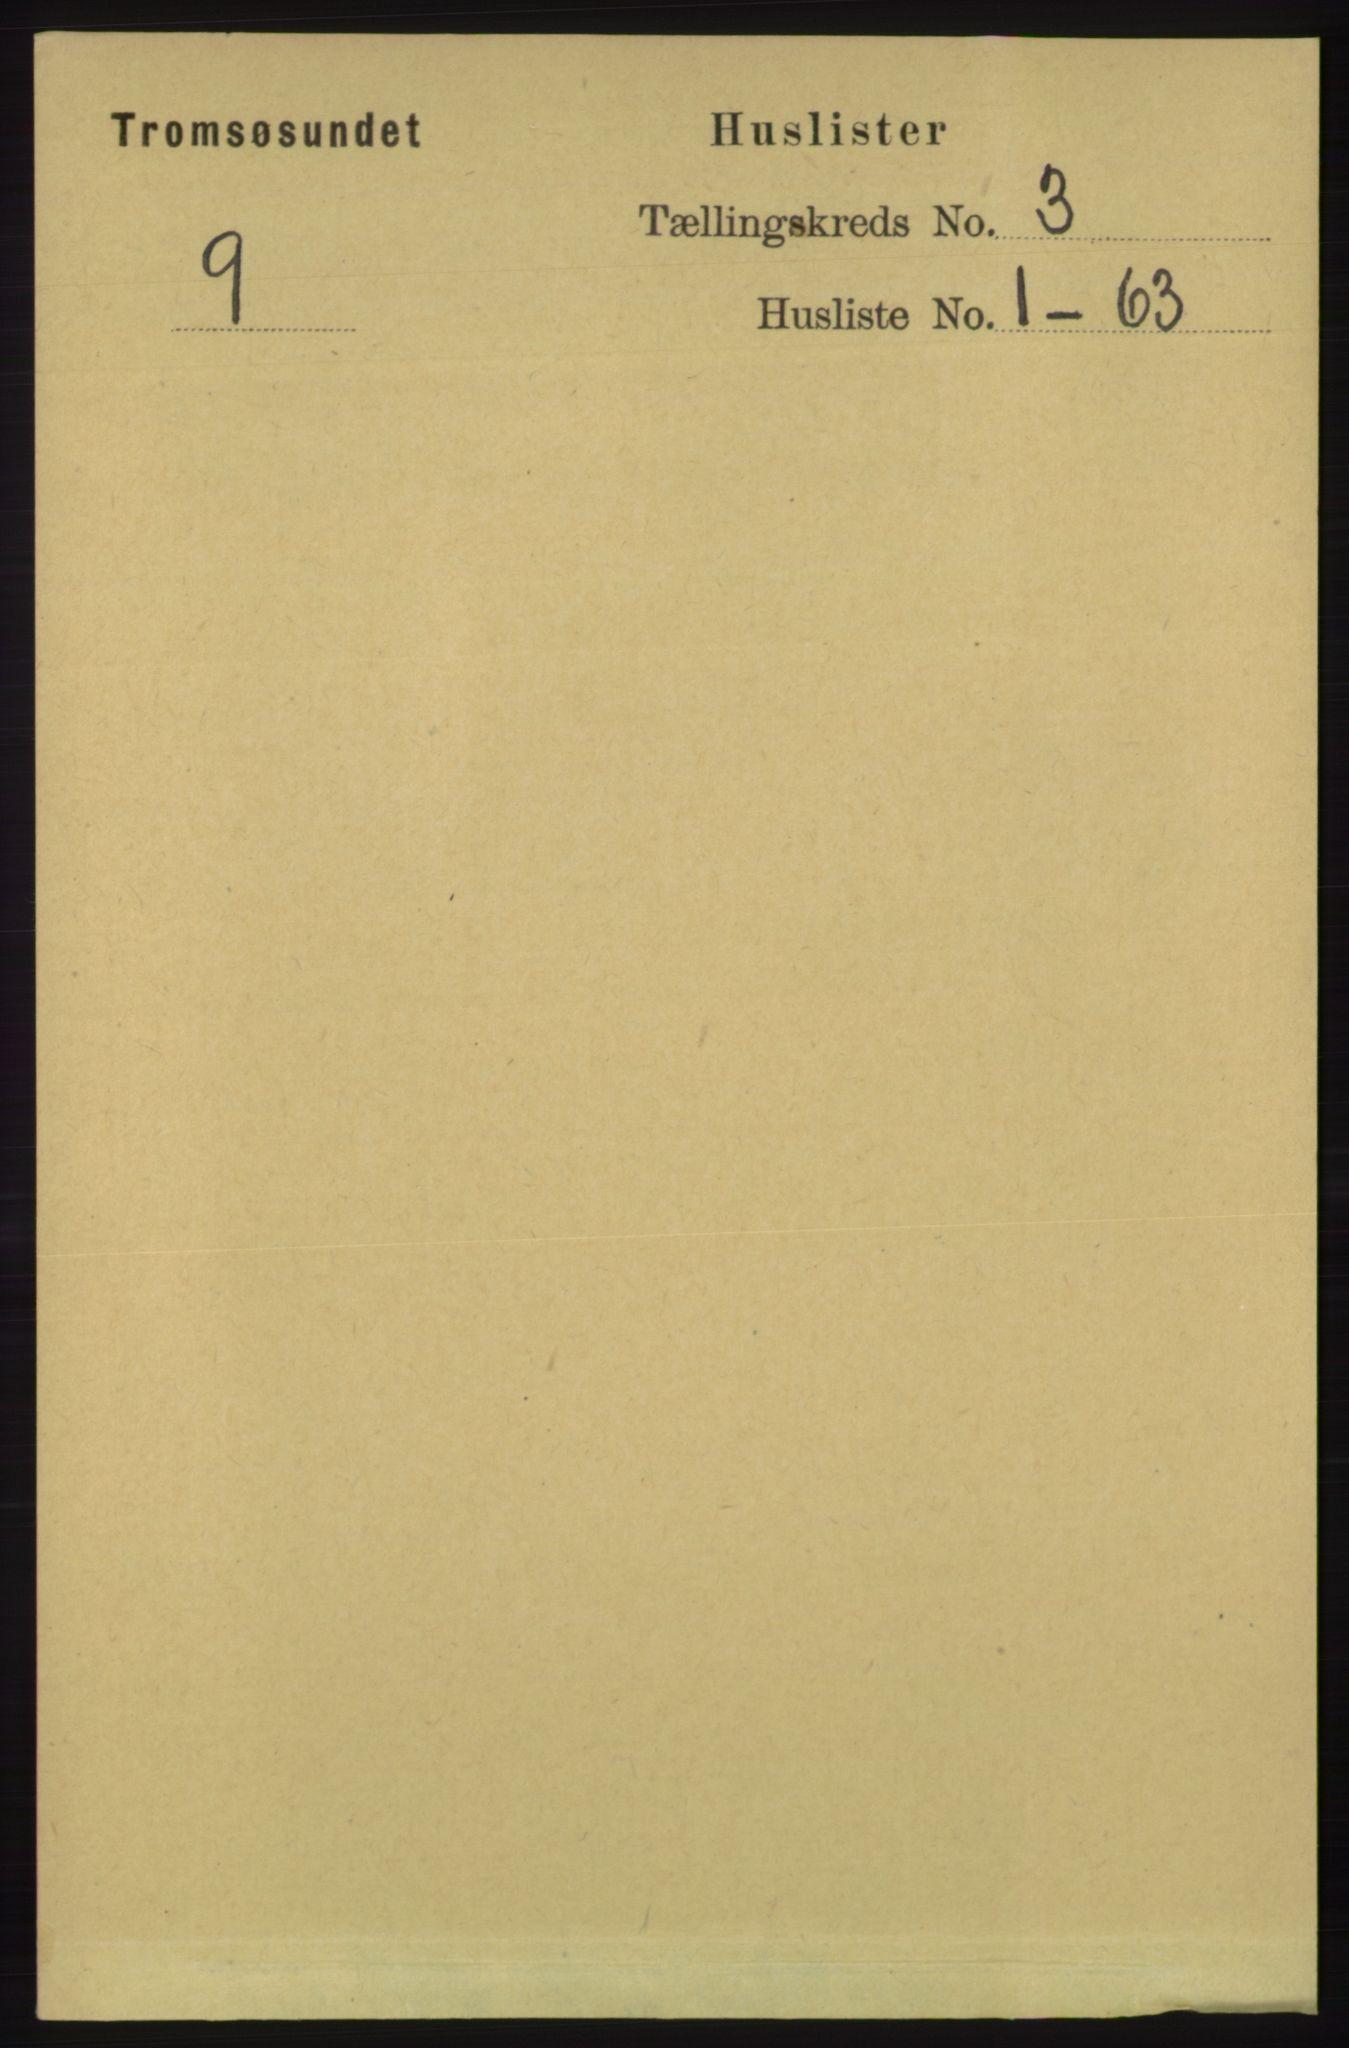 RA, Folketelling 1891 for 1934 Tromsøysund herred, 1891, s. 936